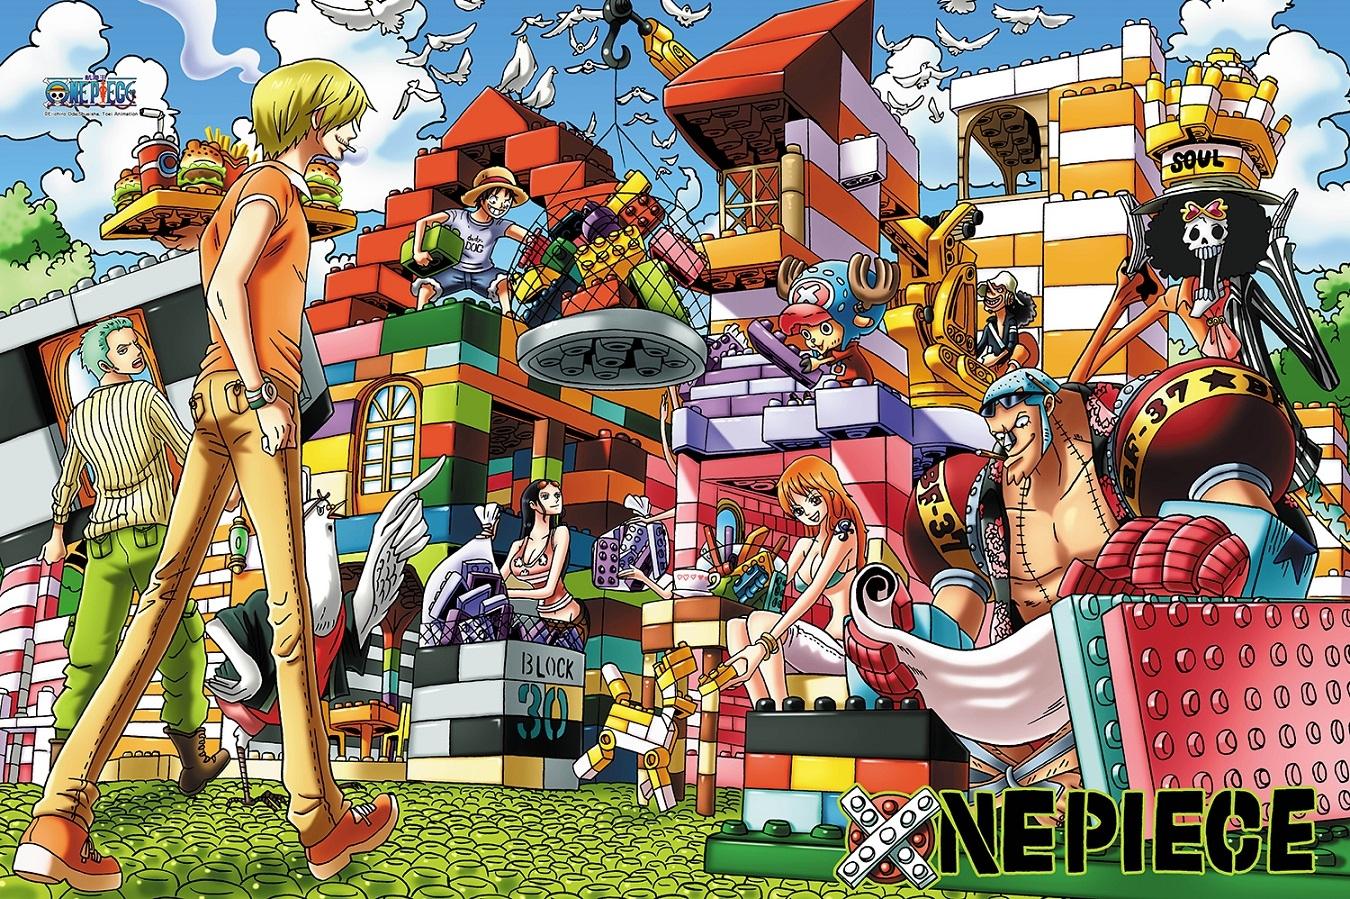 拼圖總動員PUZZLE STORY航海王-積木之家PuzzleStory海賊王One Piece 1000P